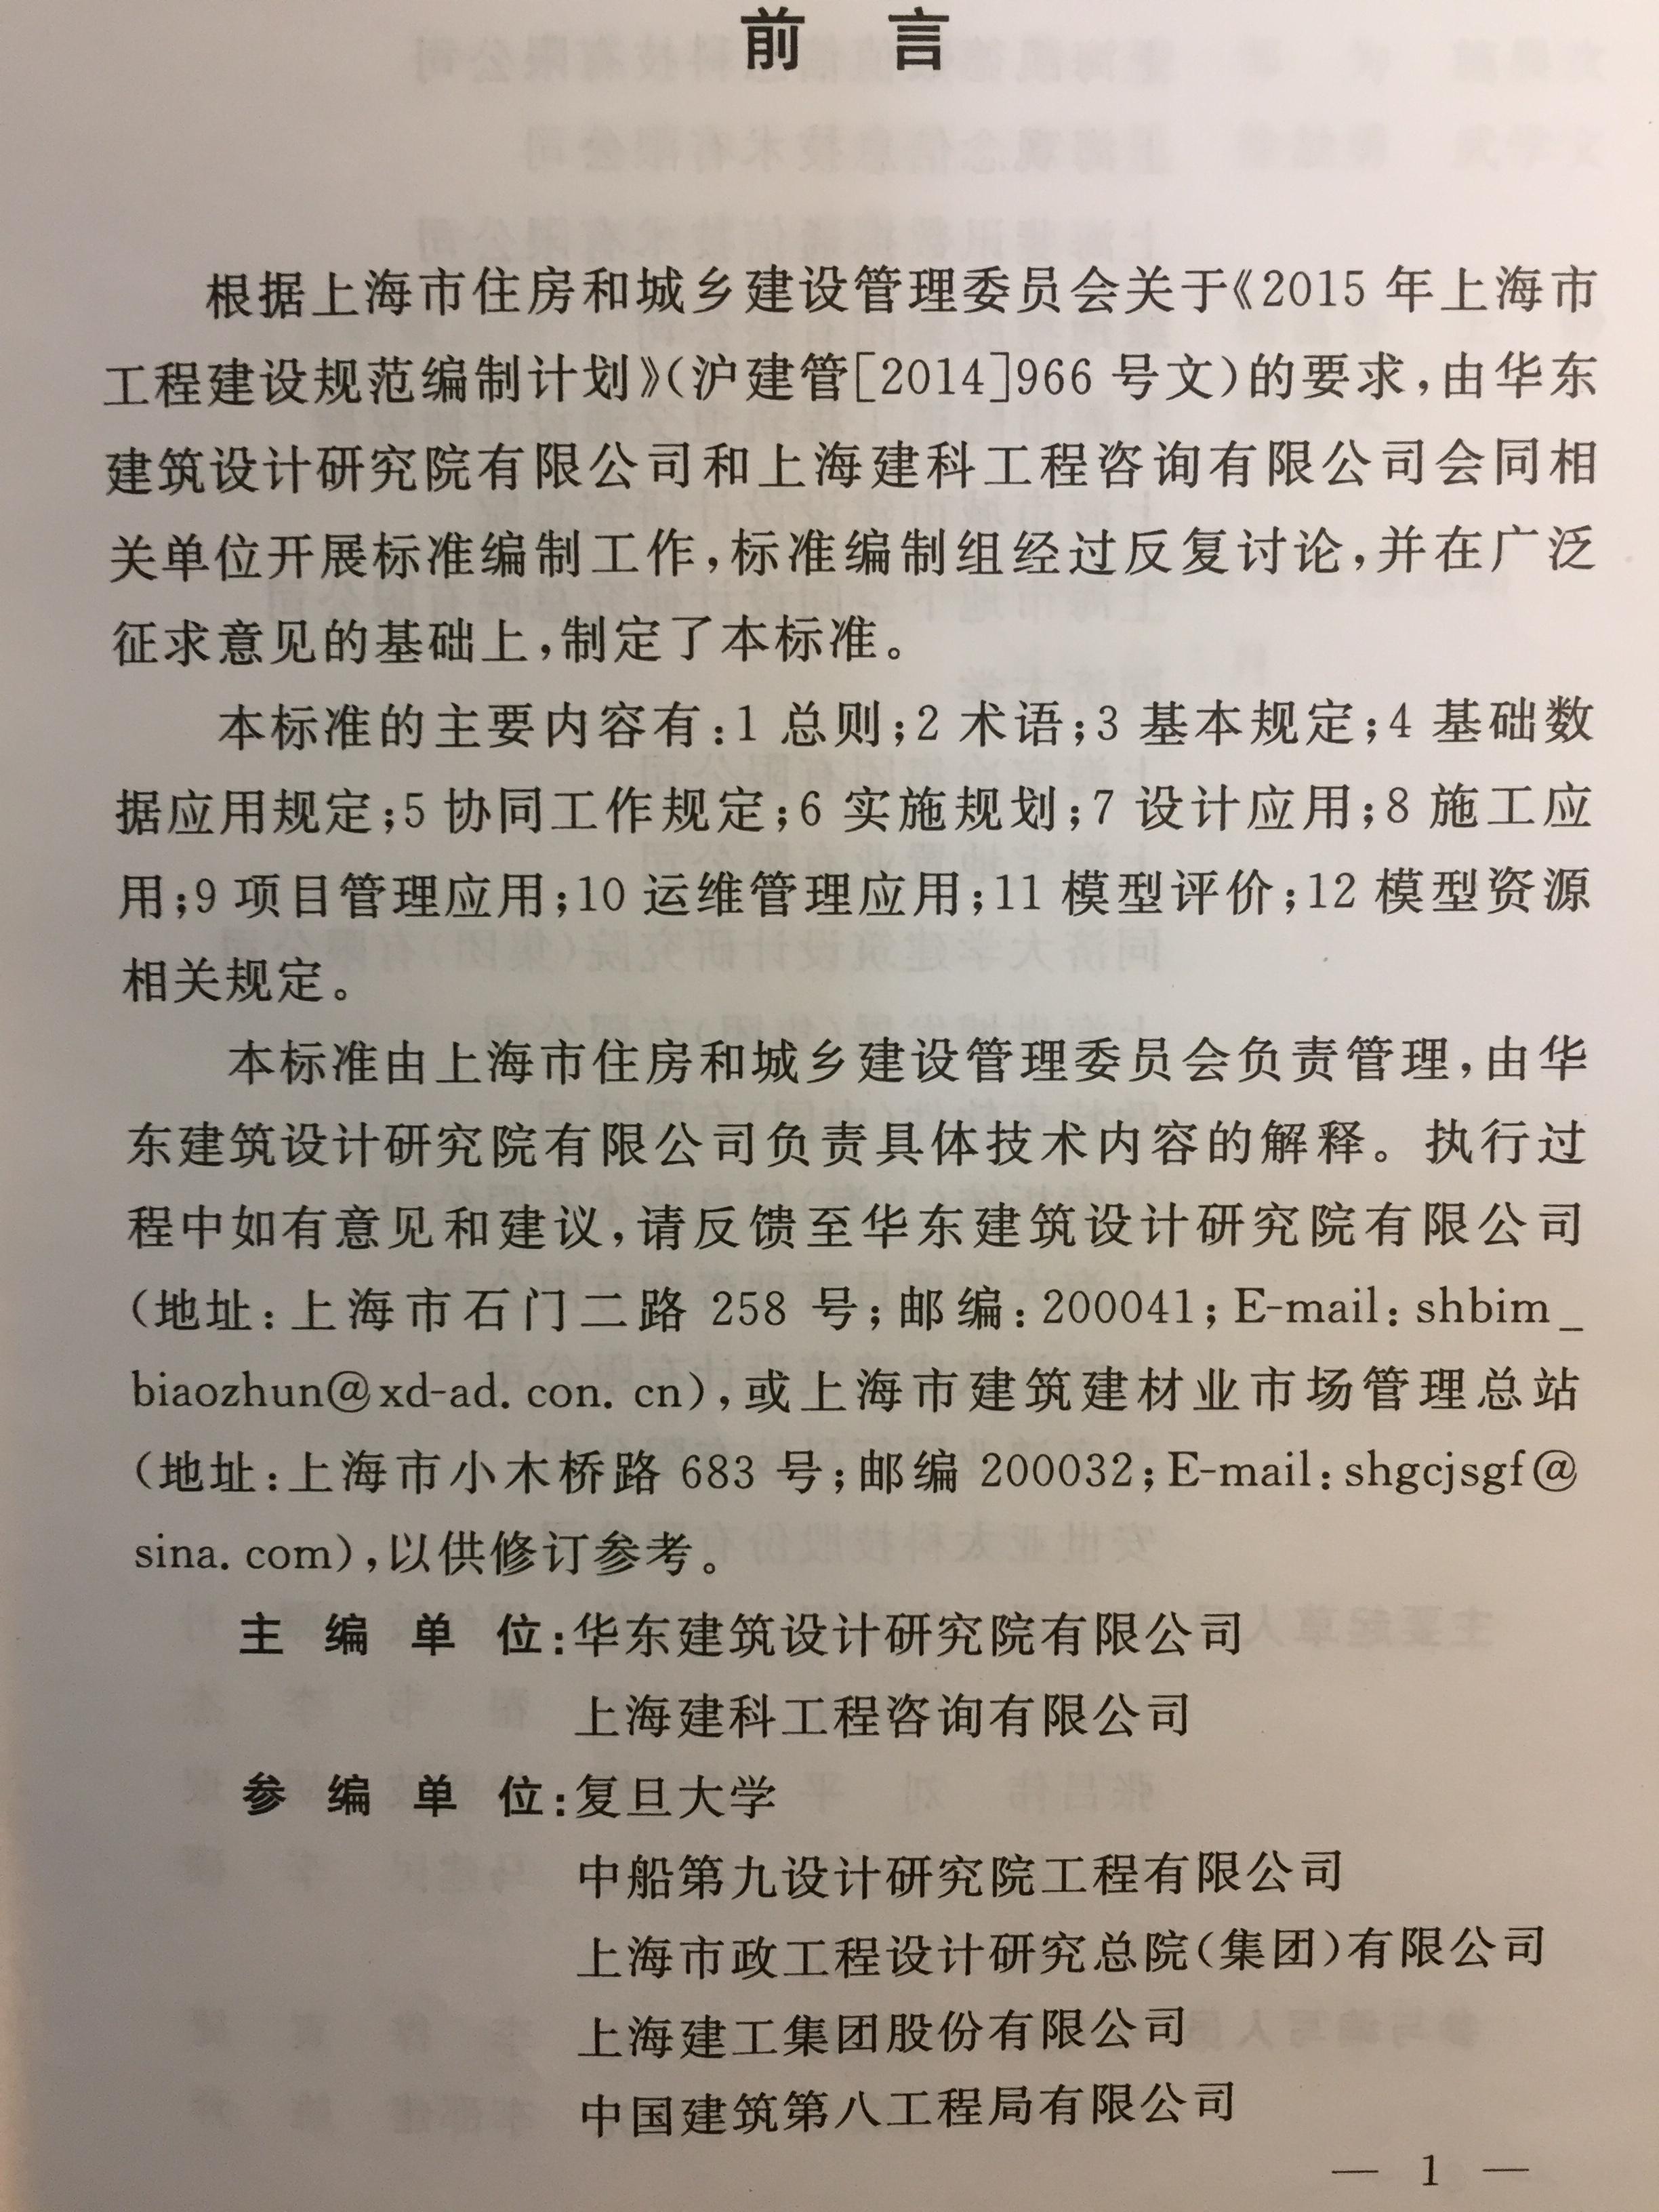 上海市工程建设规范(DG/TJ 08-2201-2016, J13453-2016)- 建筑信息模型应用标准-BIMBANK